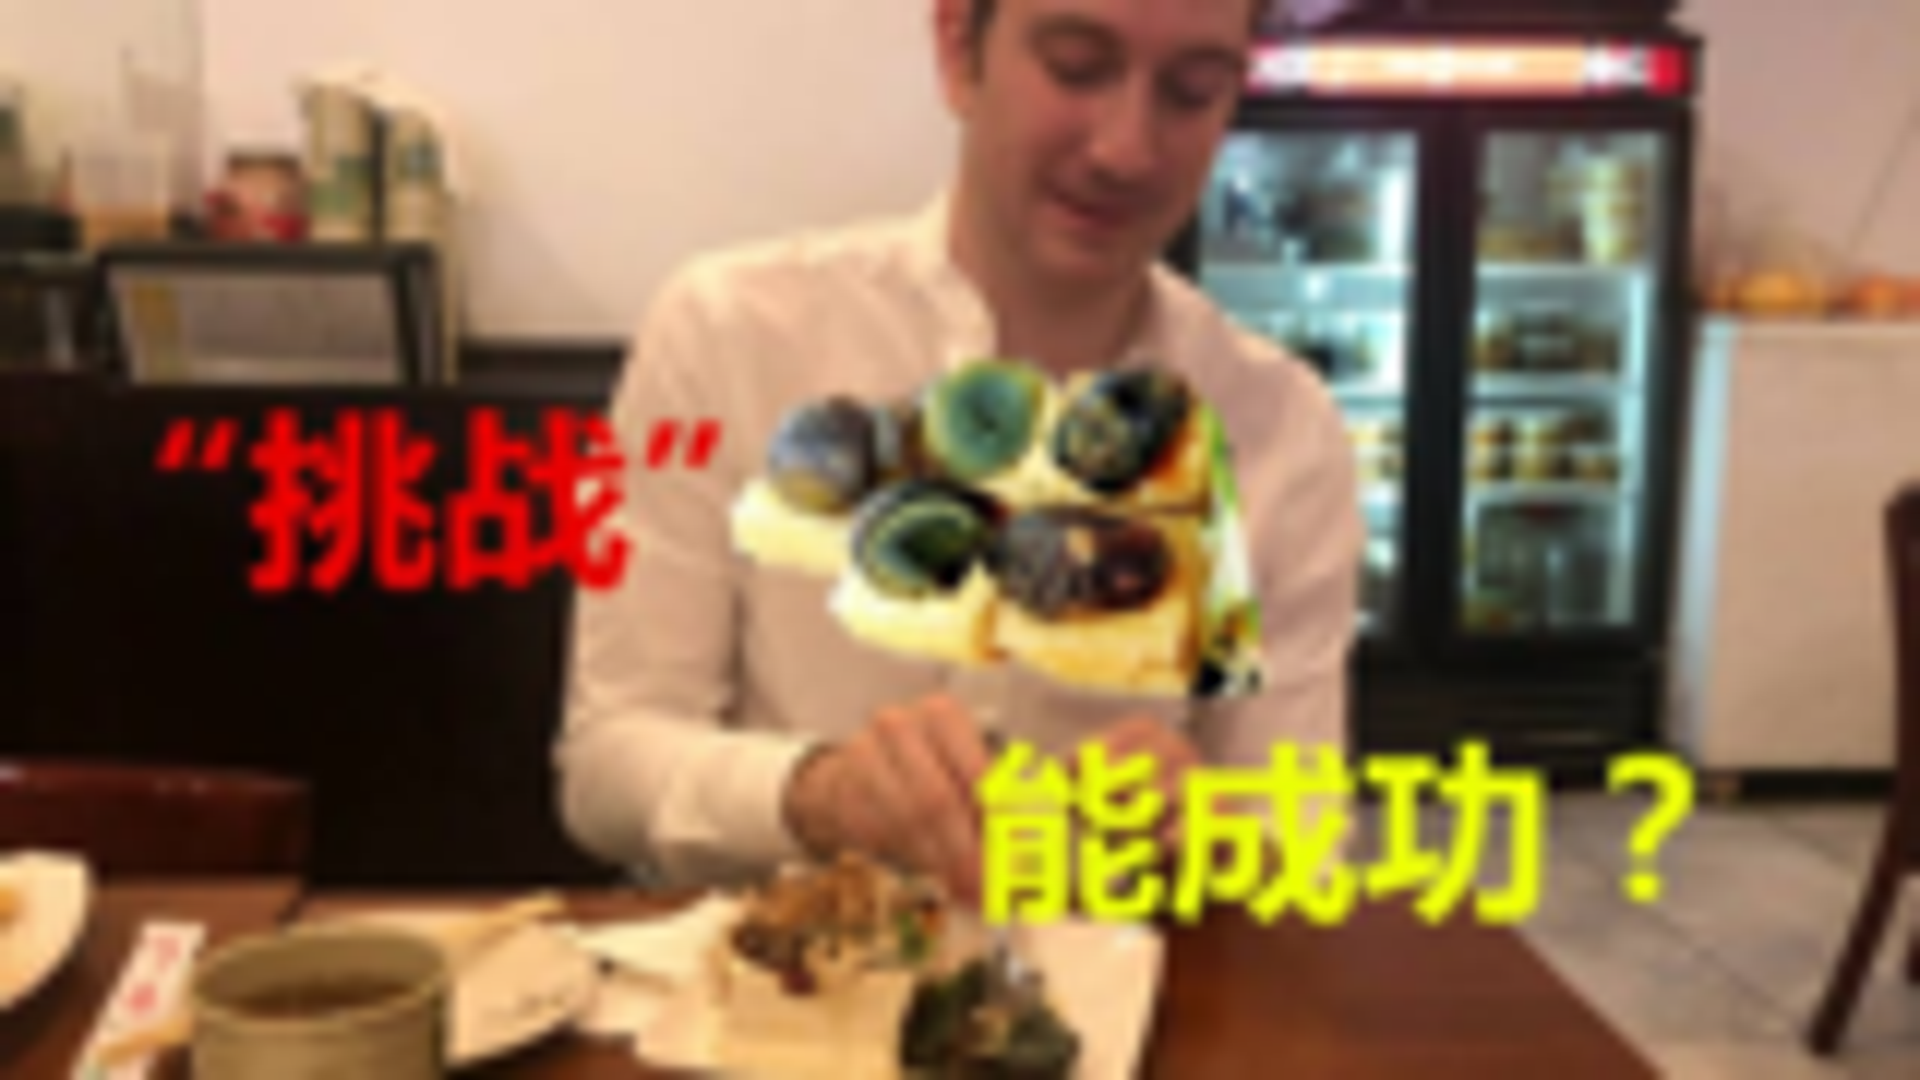 犹太人挑战吃皮蛋臭豆腐,你们觉得我能不能成功!